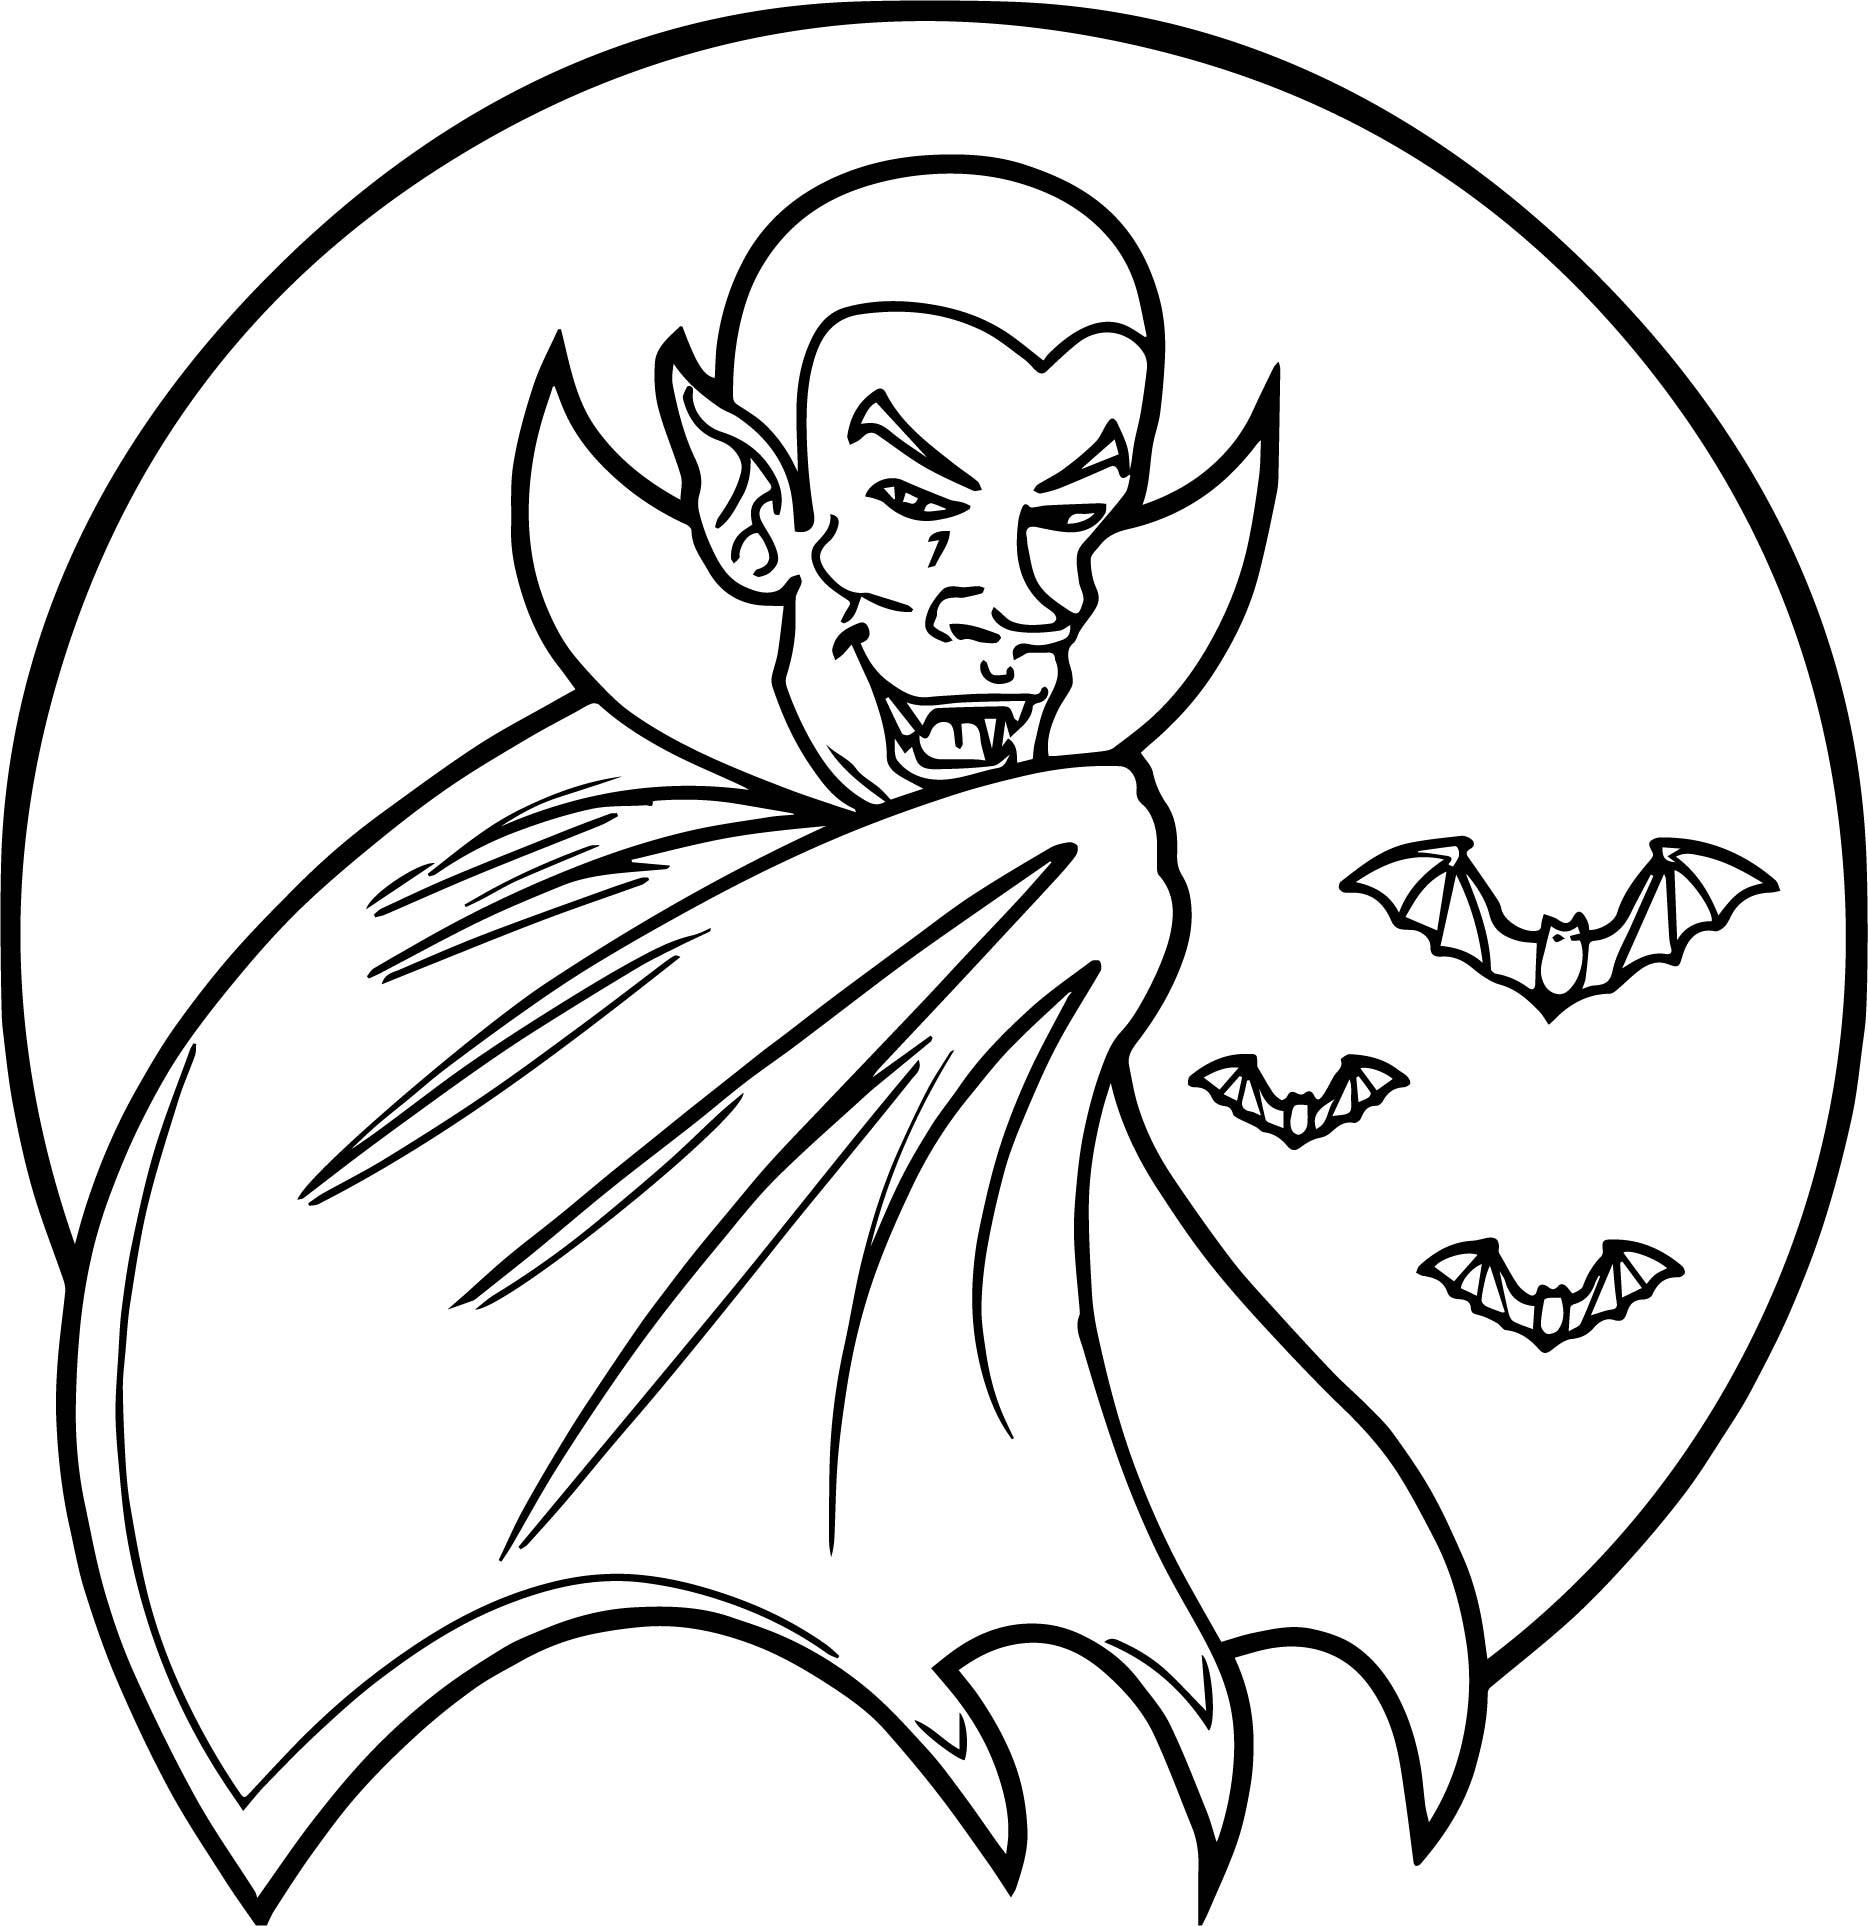 vampire bat coloring page - vampire bat drawing at free for personal